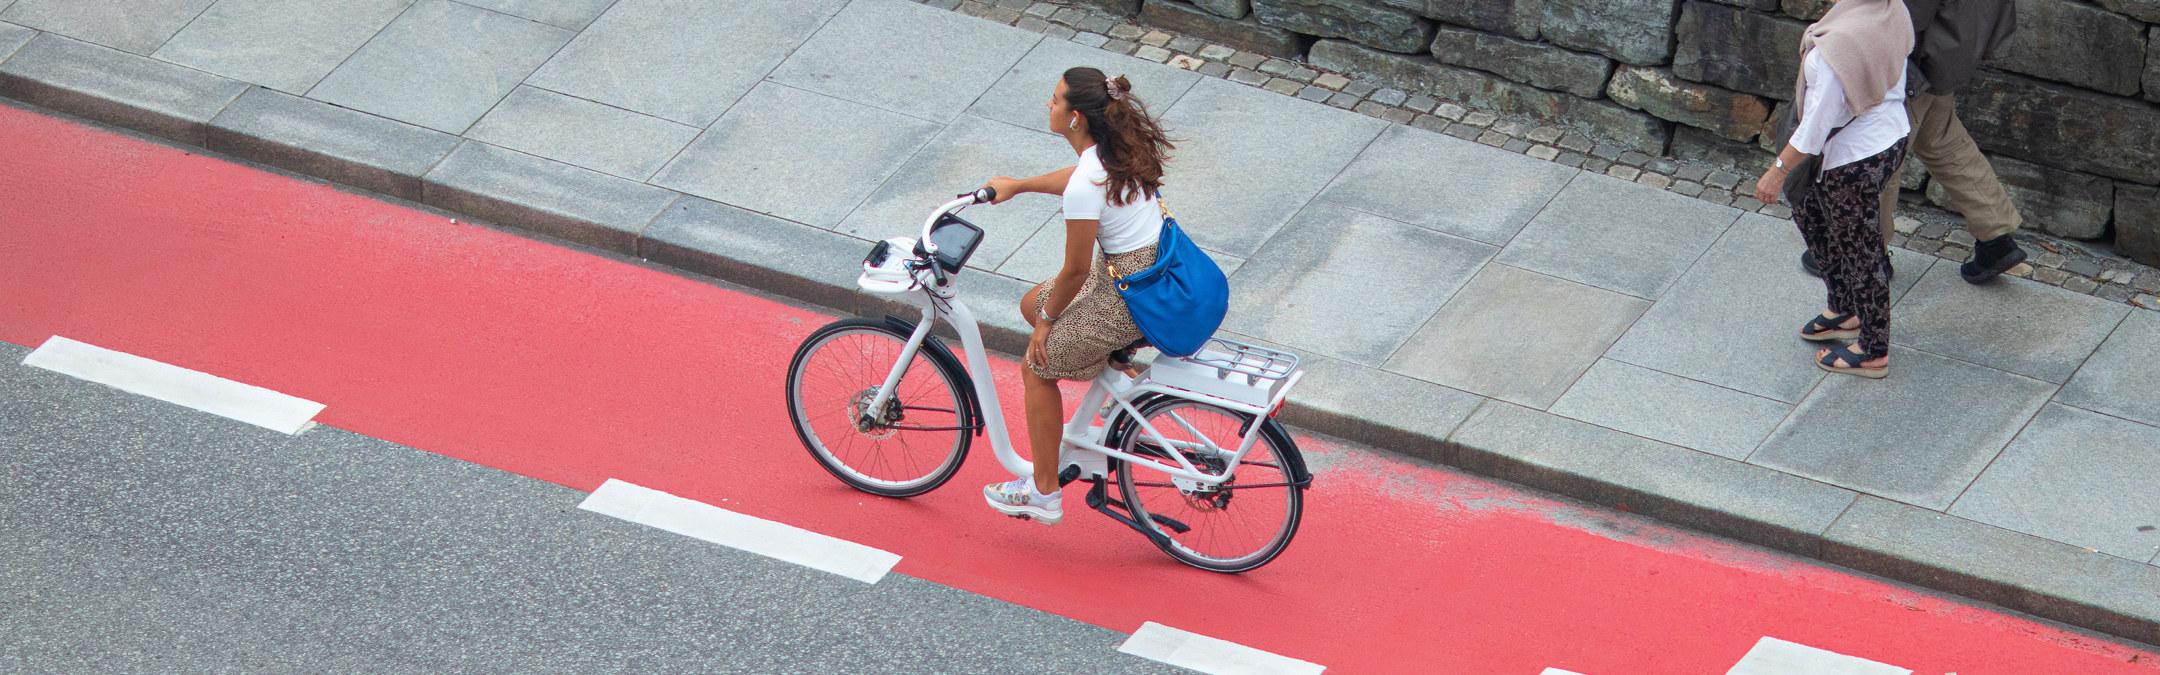 Ung kvinne på elsykkel på sykkelfelt